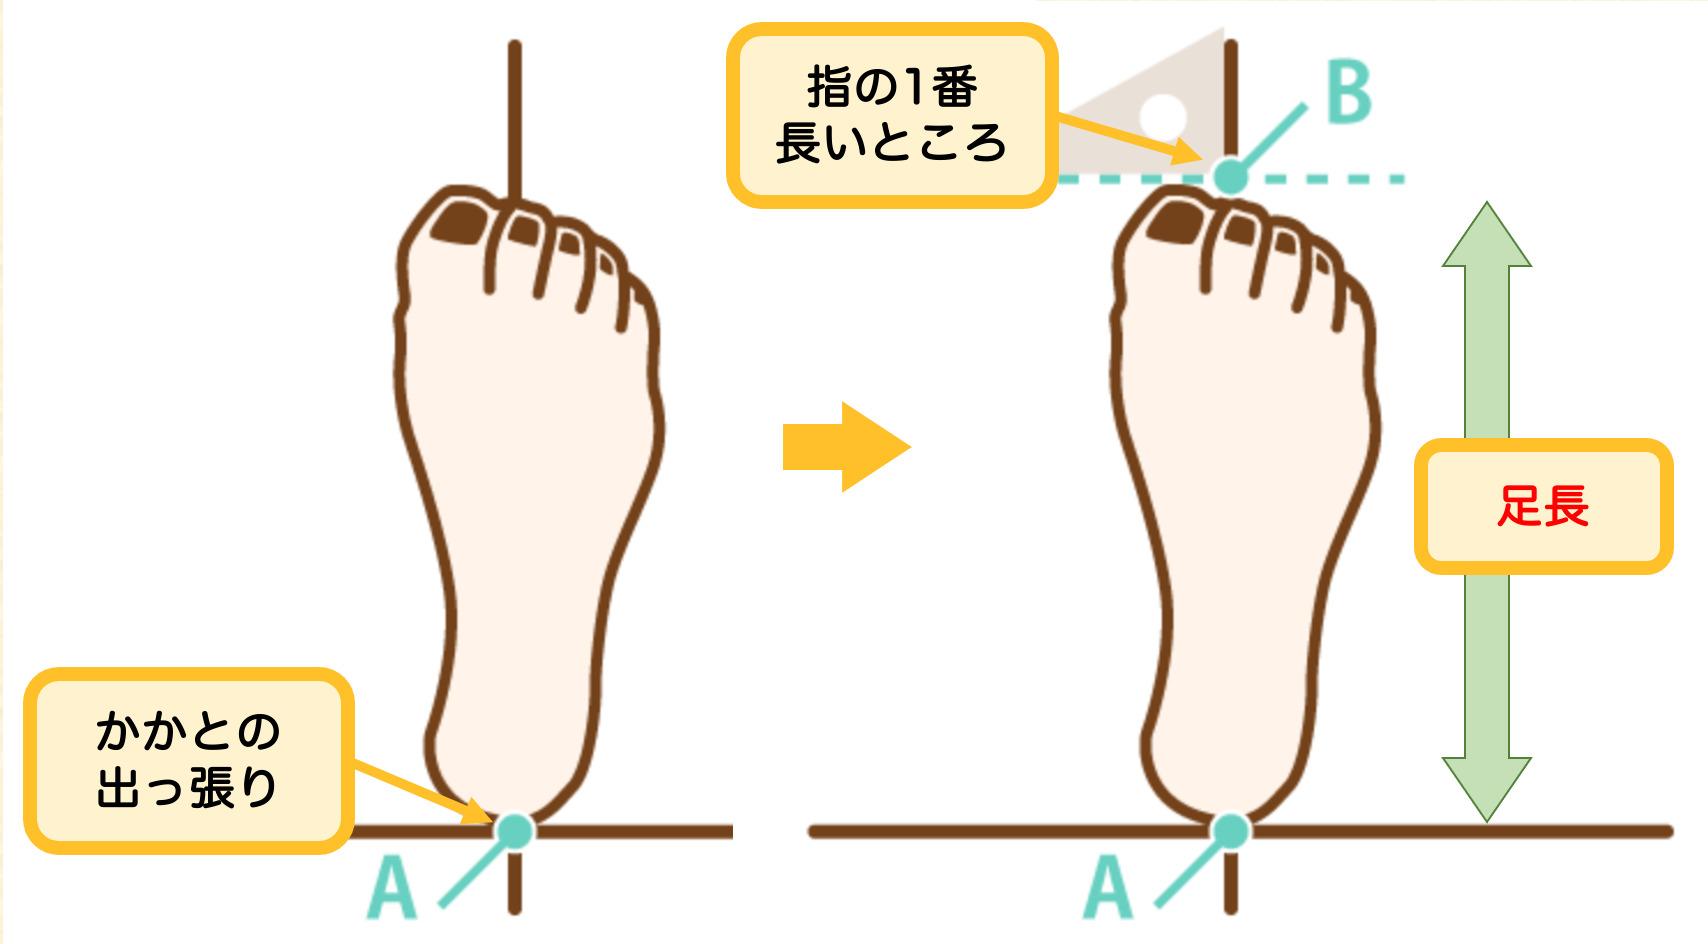 足長の測り方